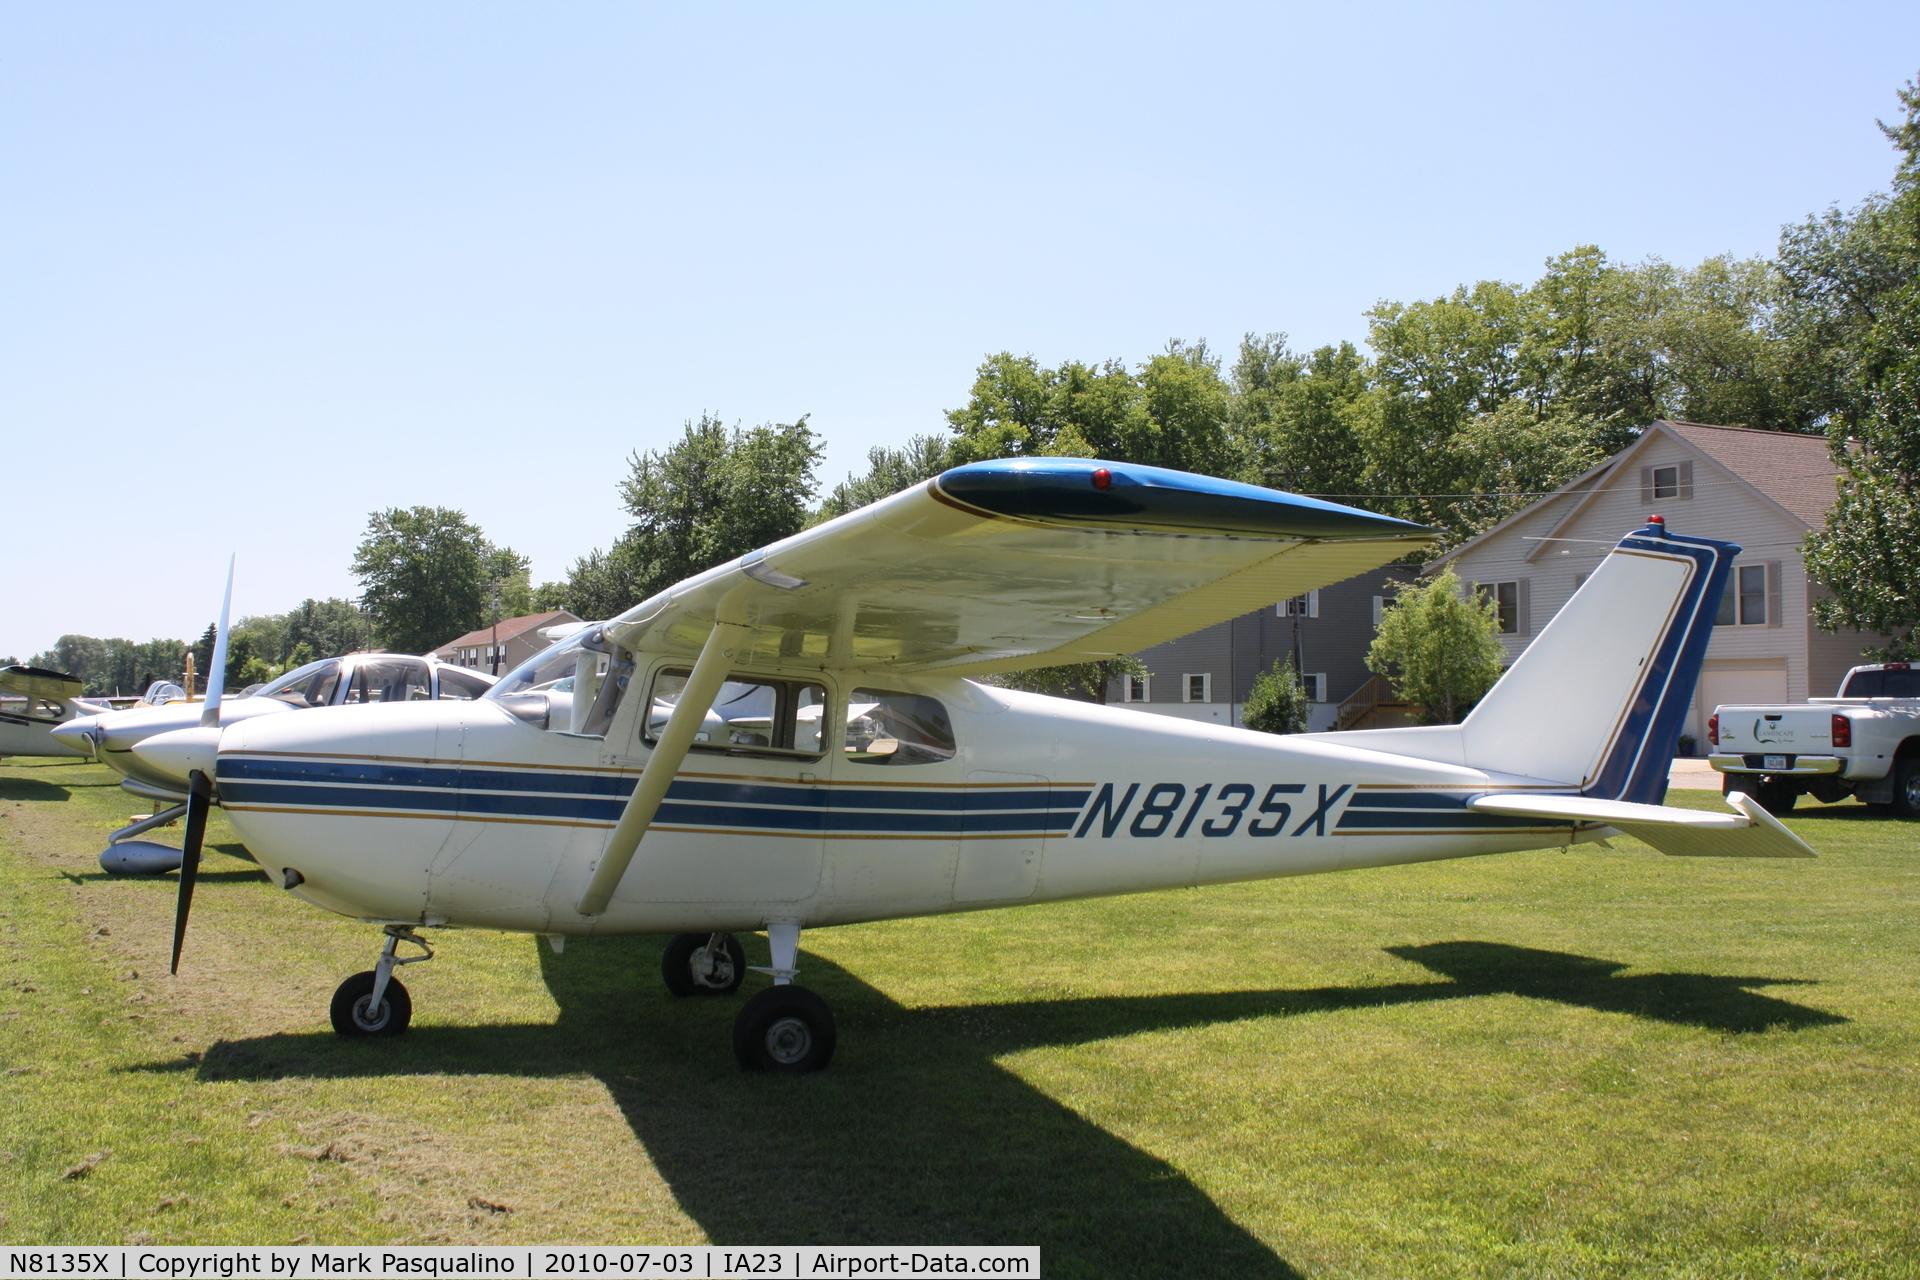 N8135X, 1961 Cessna 172B Skyhawk C/N 17248635, Cessna 172B